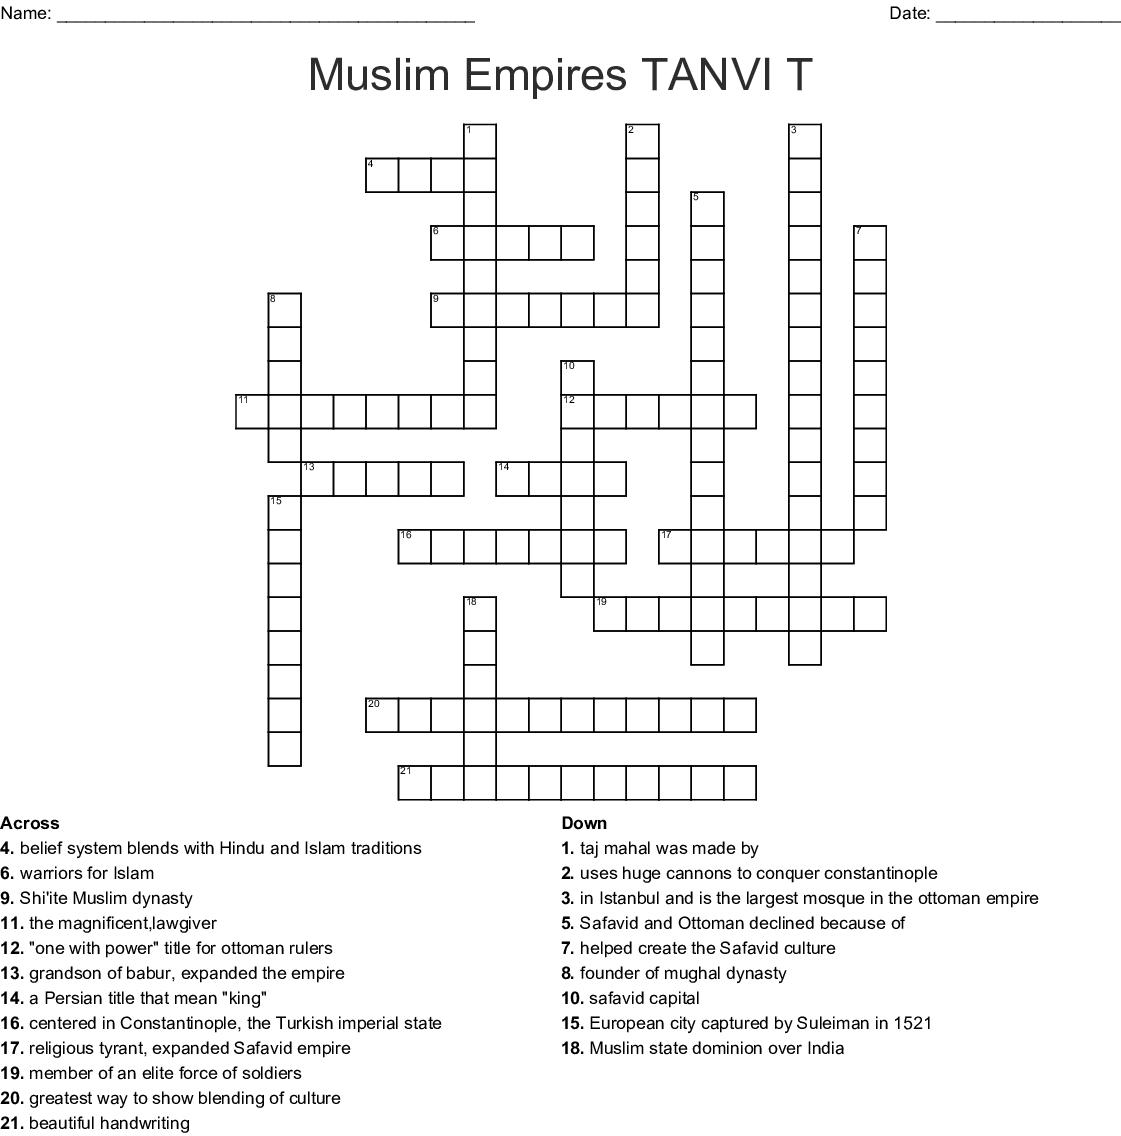 Muslim Empires Tanvi T Crossword